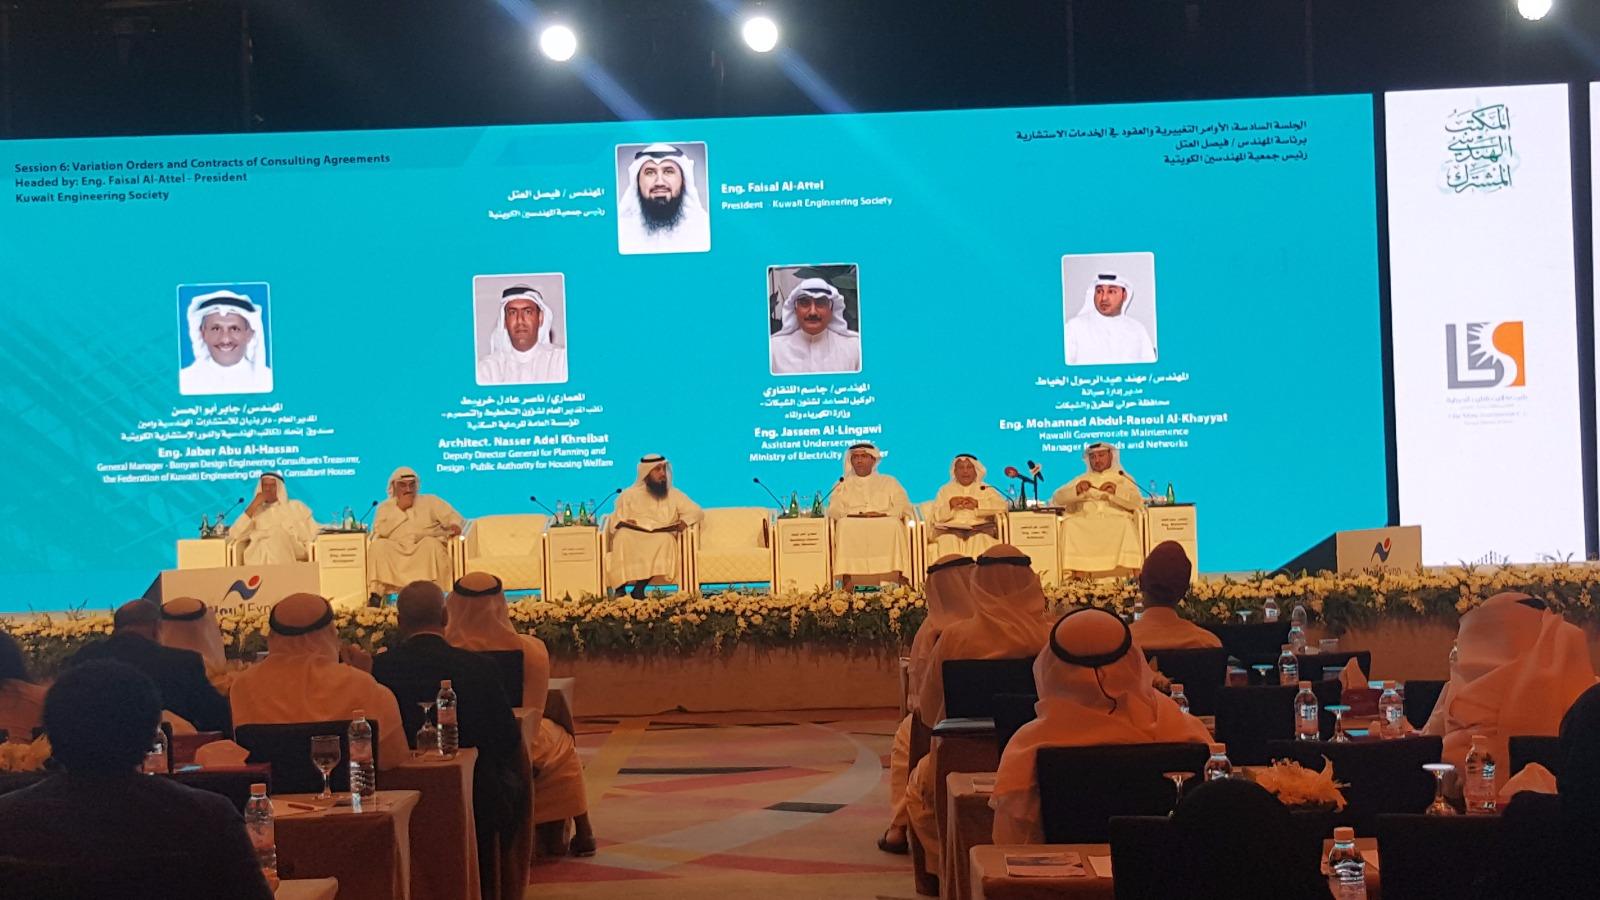 رئيس الجمعية ترأس جلسة في ملتقى الخدمات الاستشارية